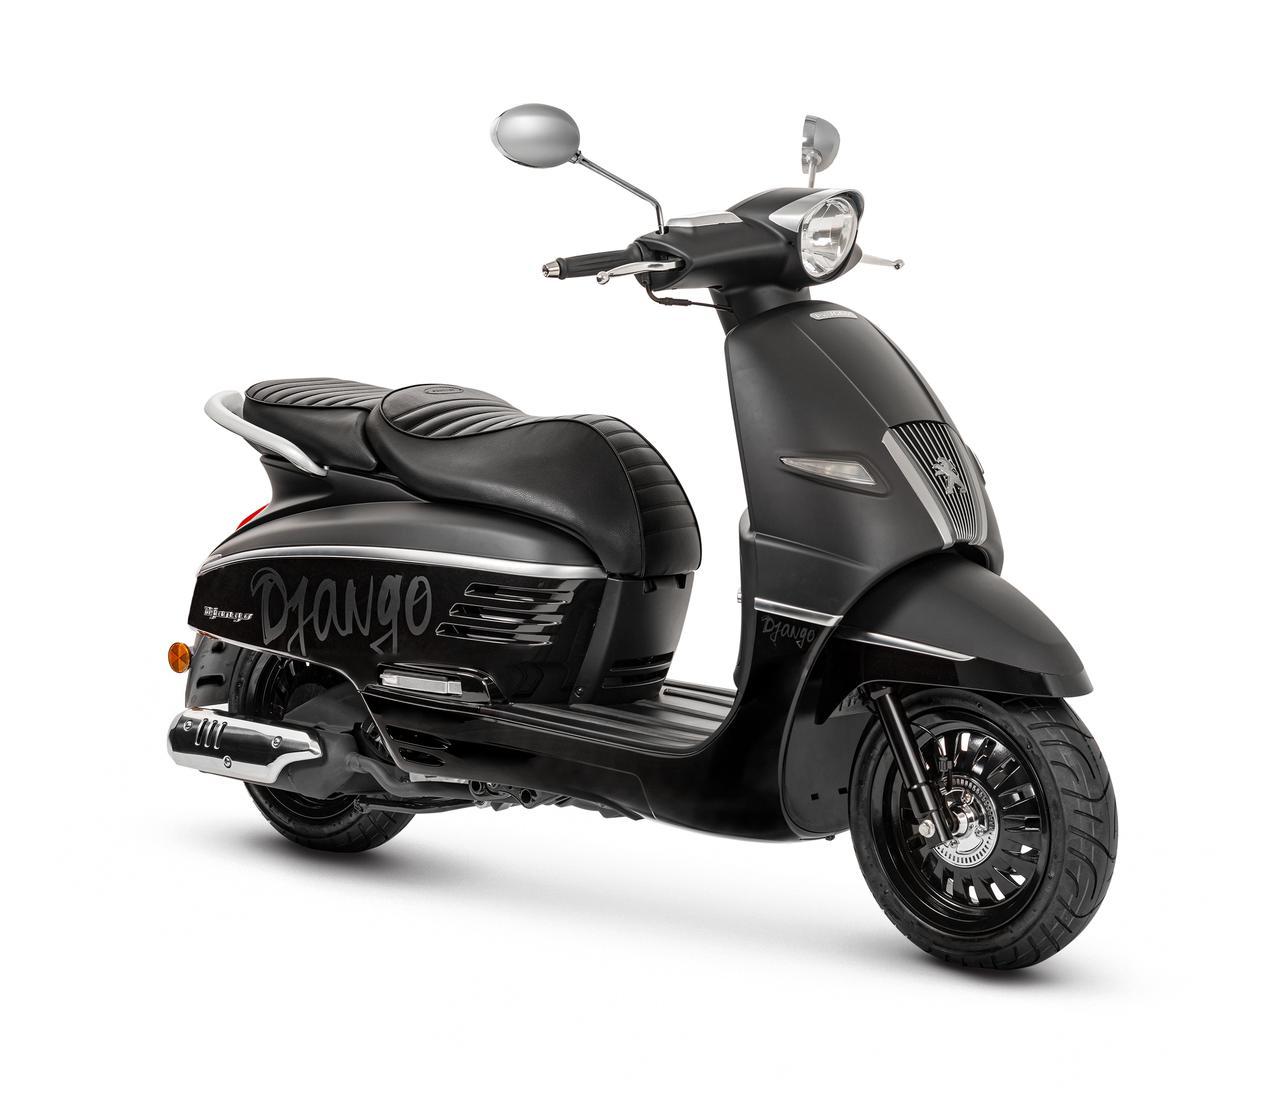 画像2: 125cc&150ccのプジョー「ジャンゴ」シリーズの2020年モデルが登場! 2月28日(金)より全国で発売